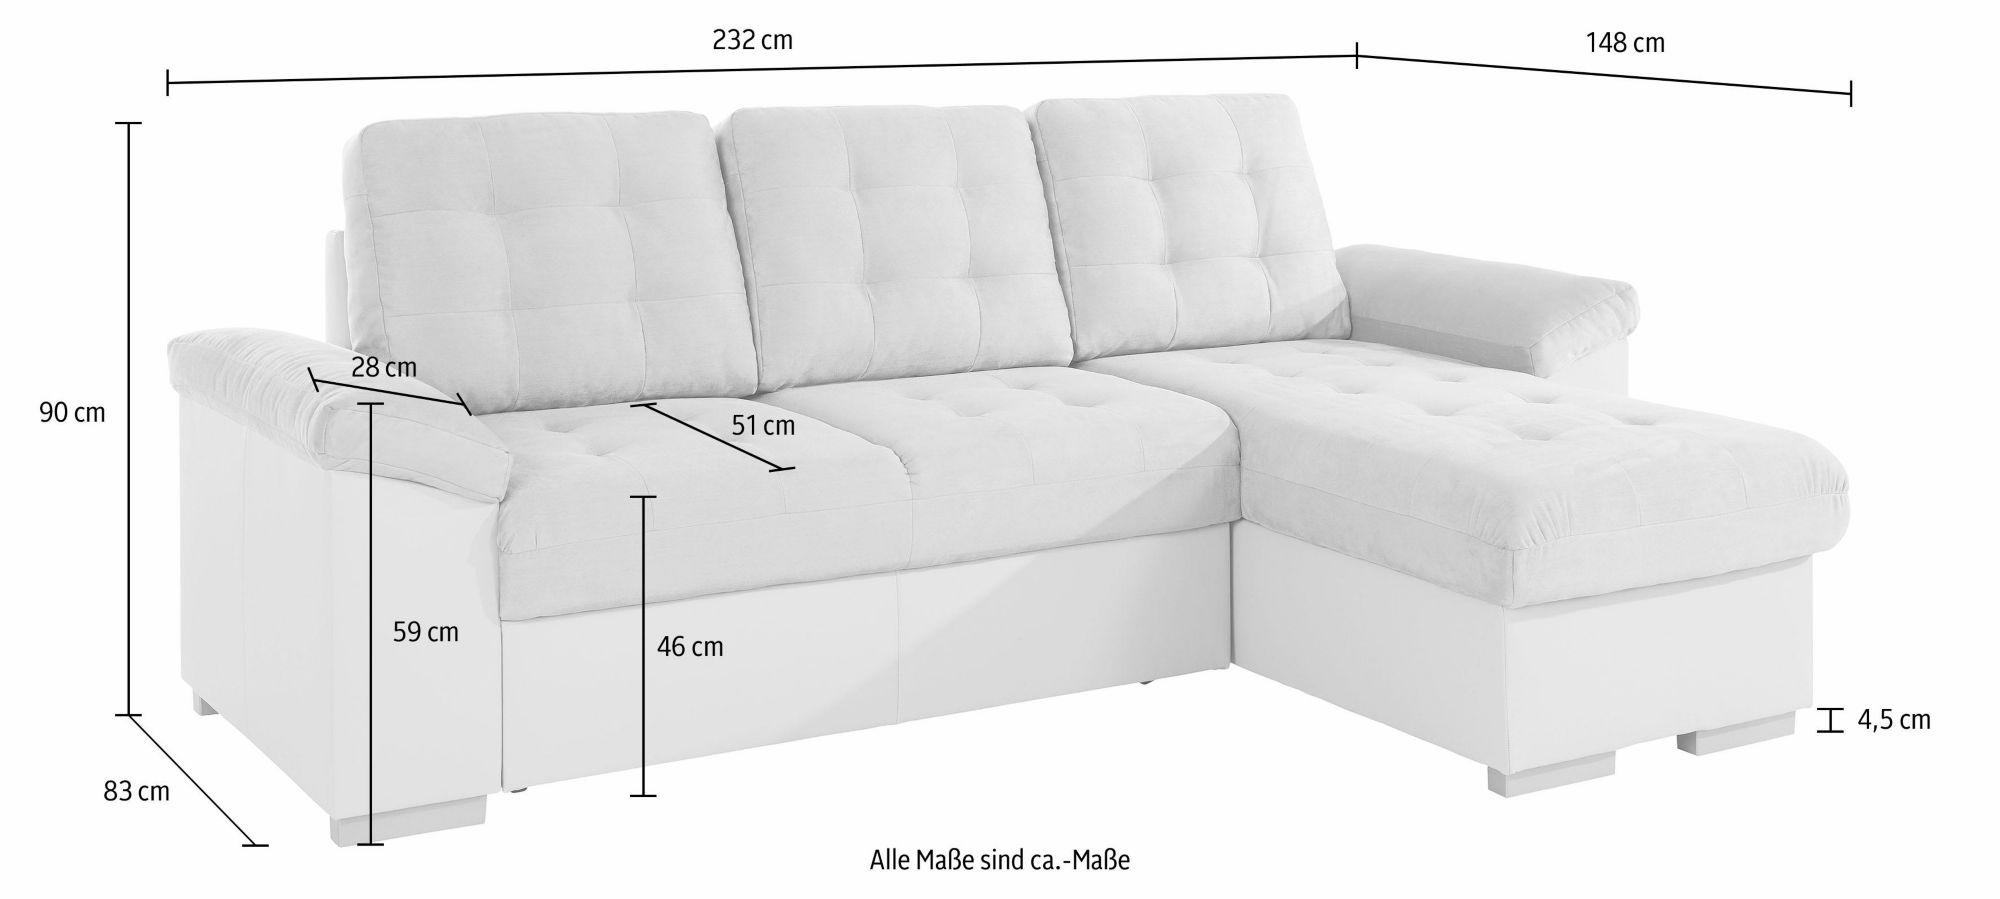 COTTA Cotta Polsterecke XL, wahlweise mit Bettfunktion und Bettkasten